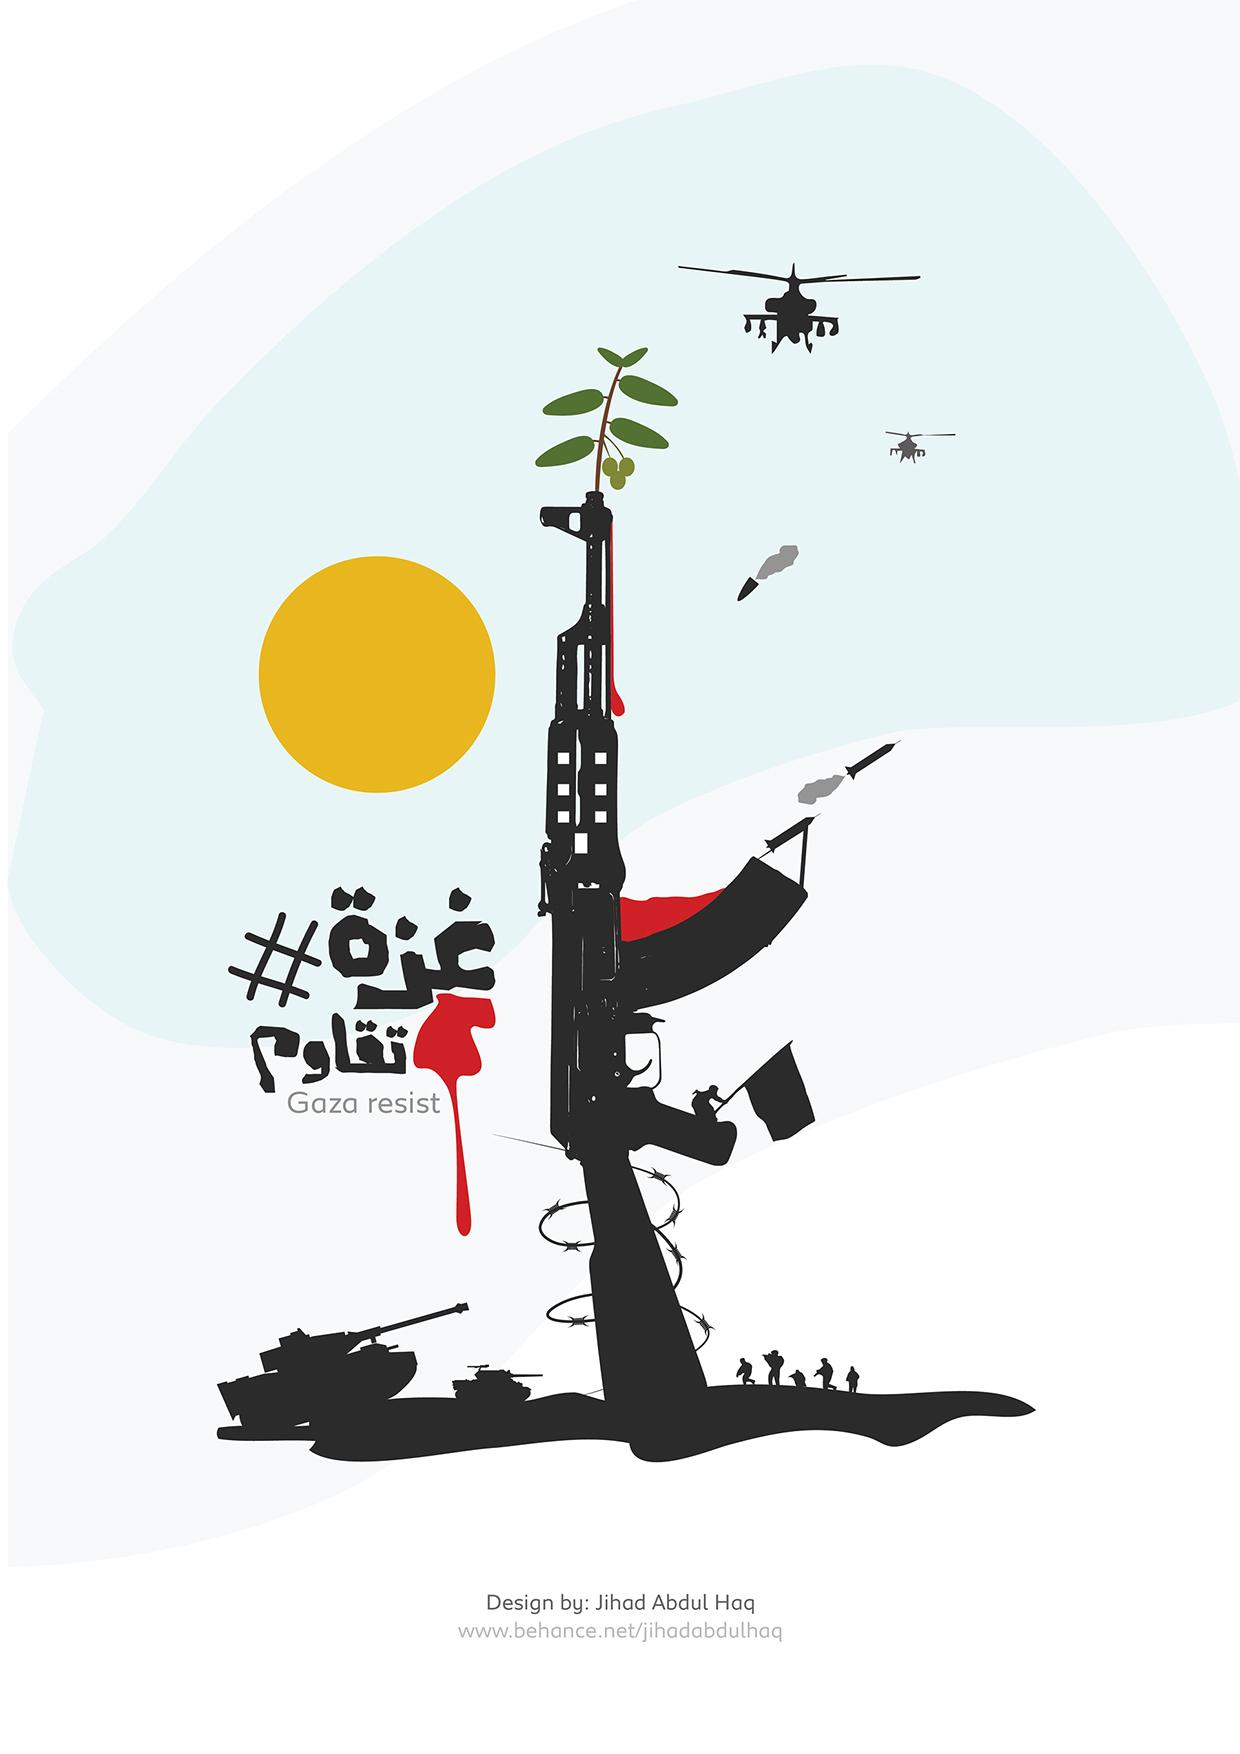 #GazaResist